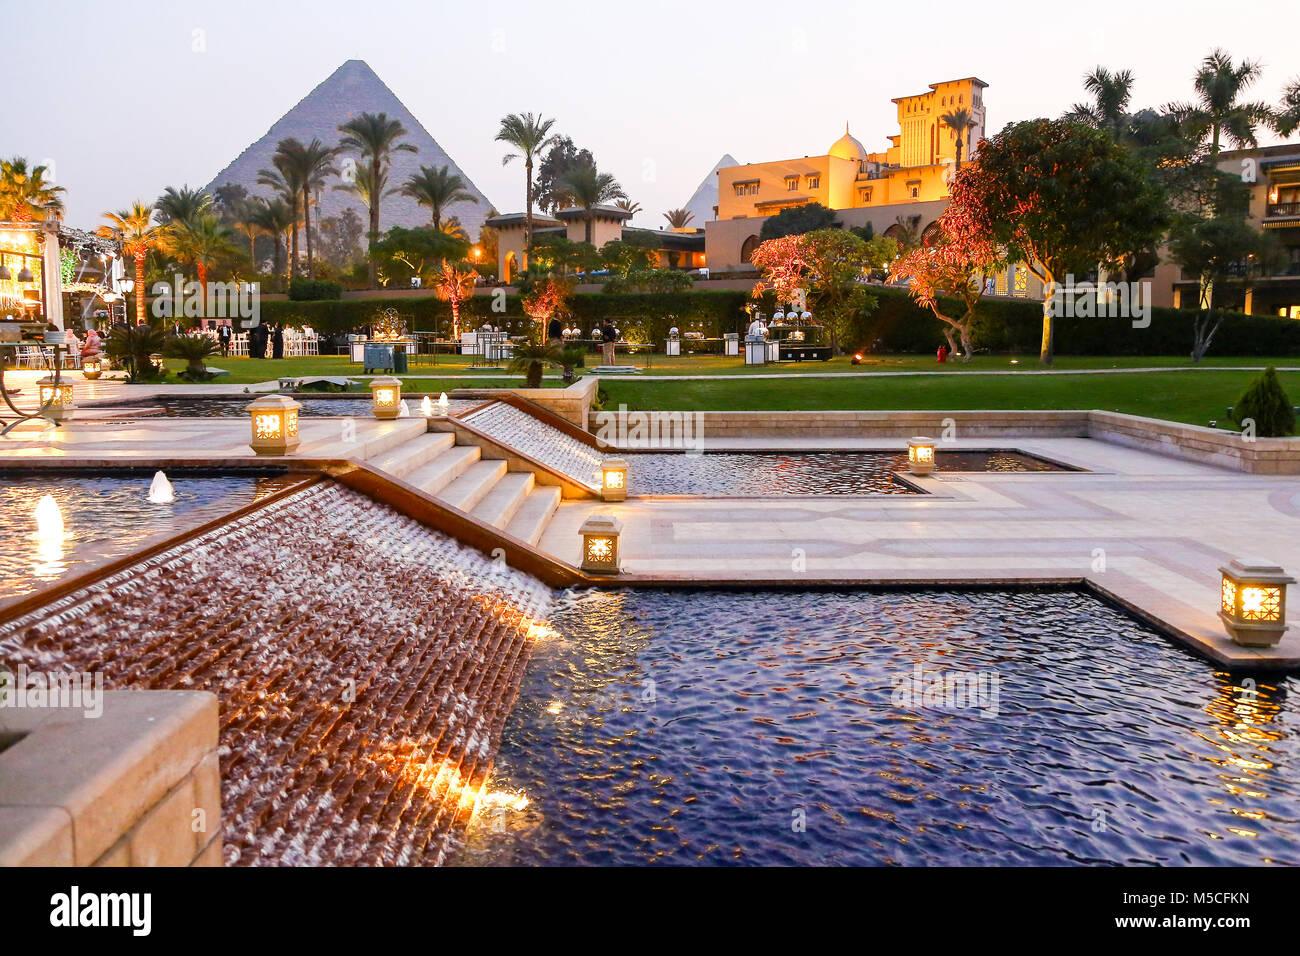 Tarde o vista nocturna de la Mena House Hotel, con las pirámides de Giza, en el fondo, El Cairo, Egipto, Norte Imagen De Stock